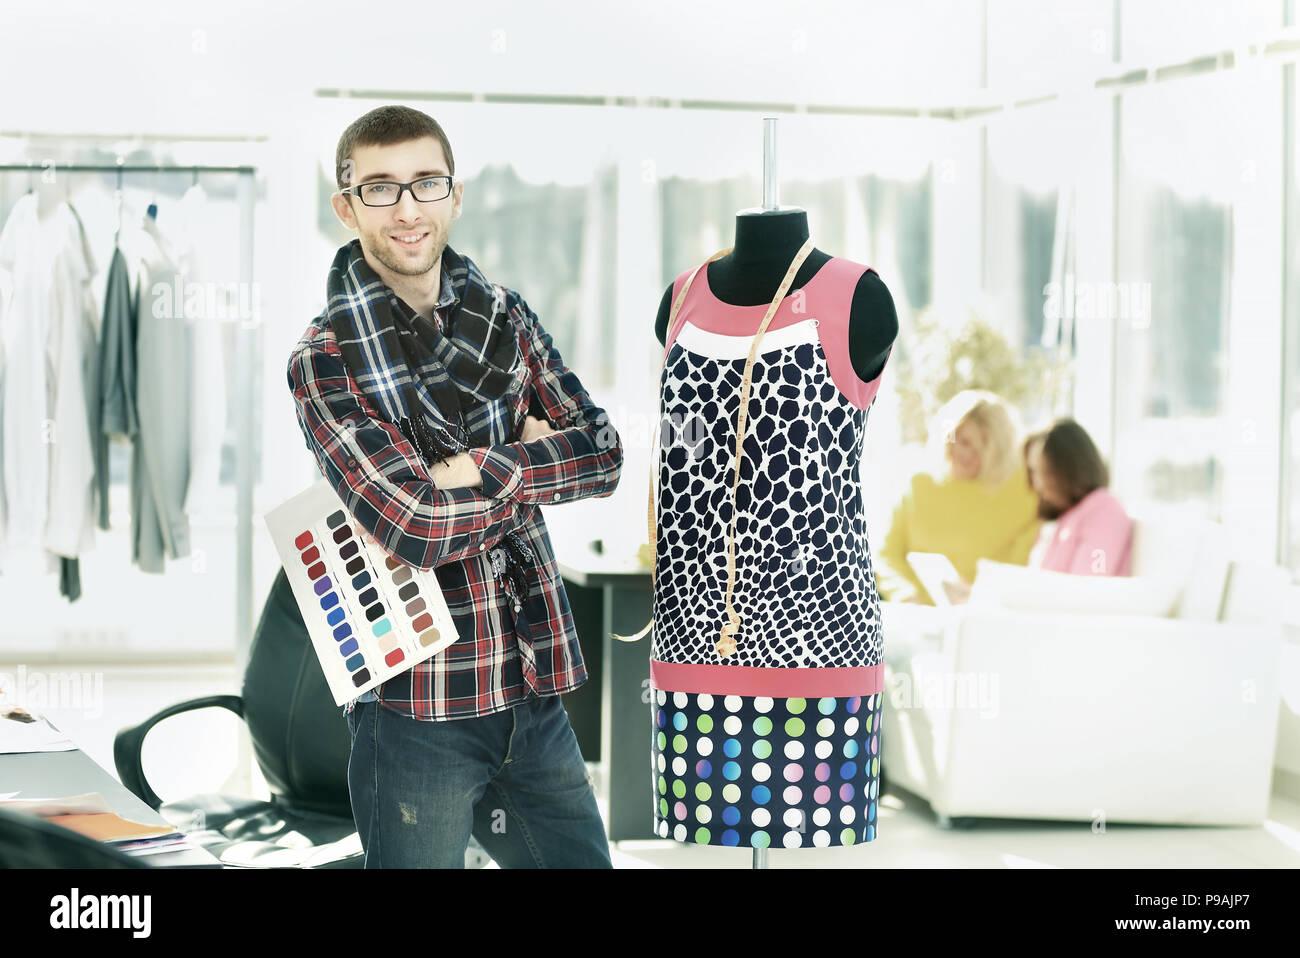 Selecciona colores de diseño moderno para una nueva colección de ropa Imagen De Stock